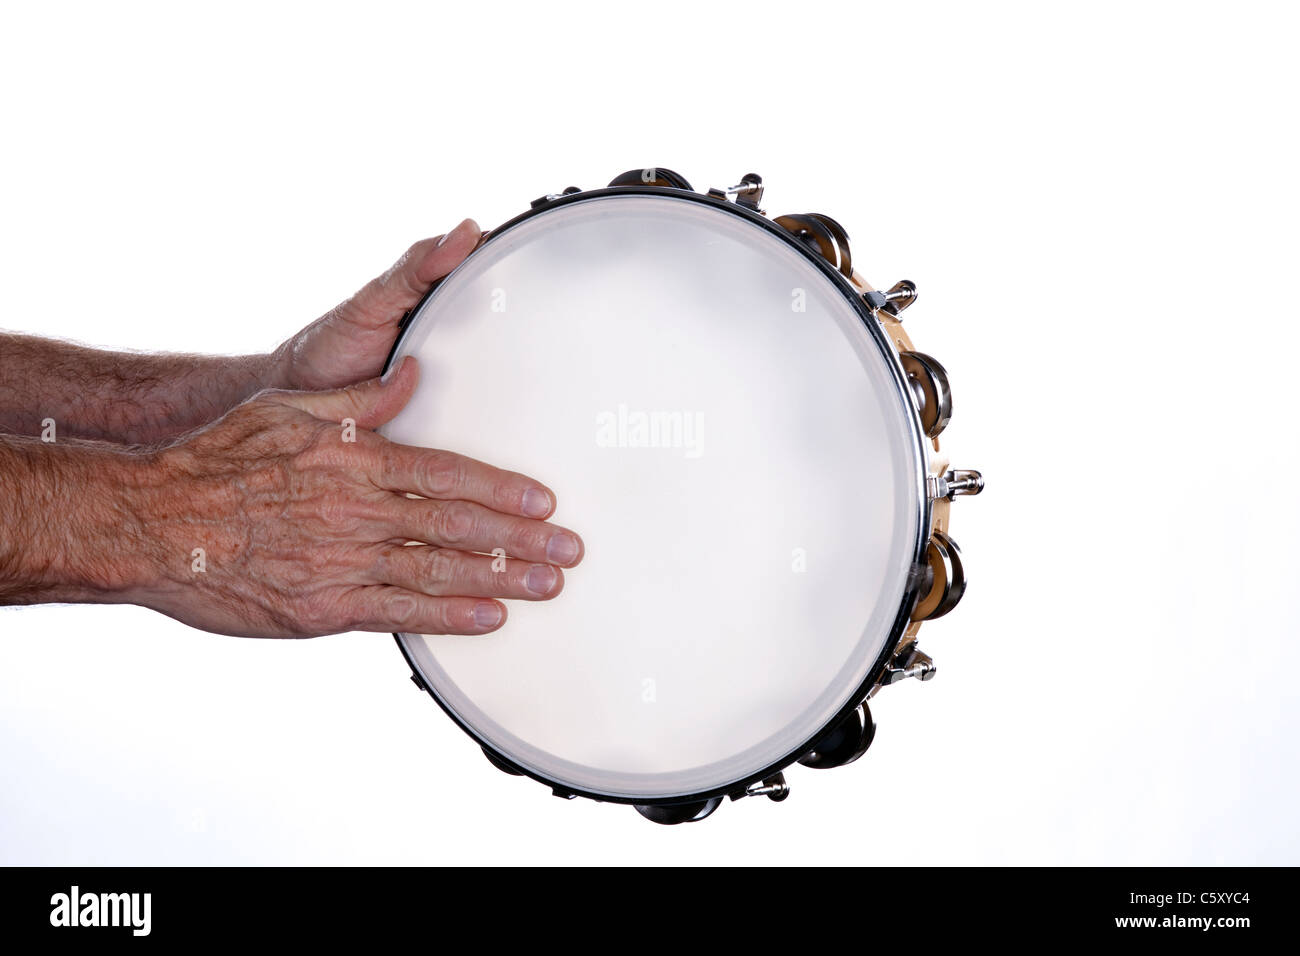 Un tamburello giocato da un uomo con le mani in mano isolata contro uno sfondo bianco. Immagini Stock